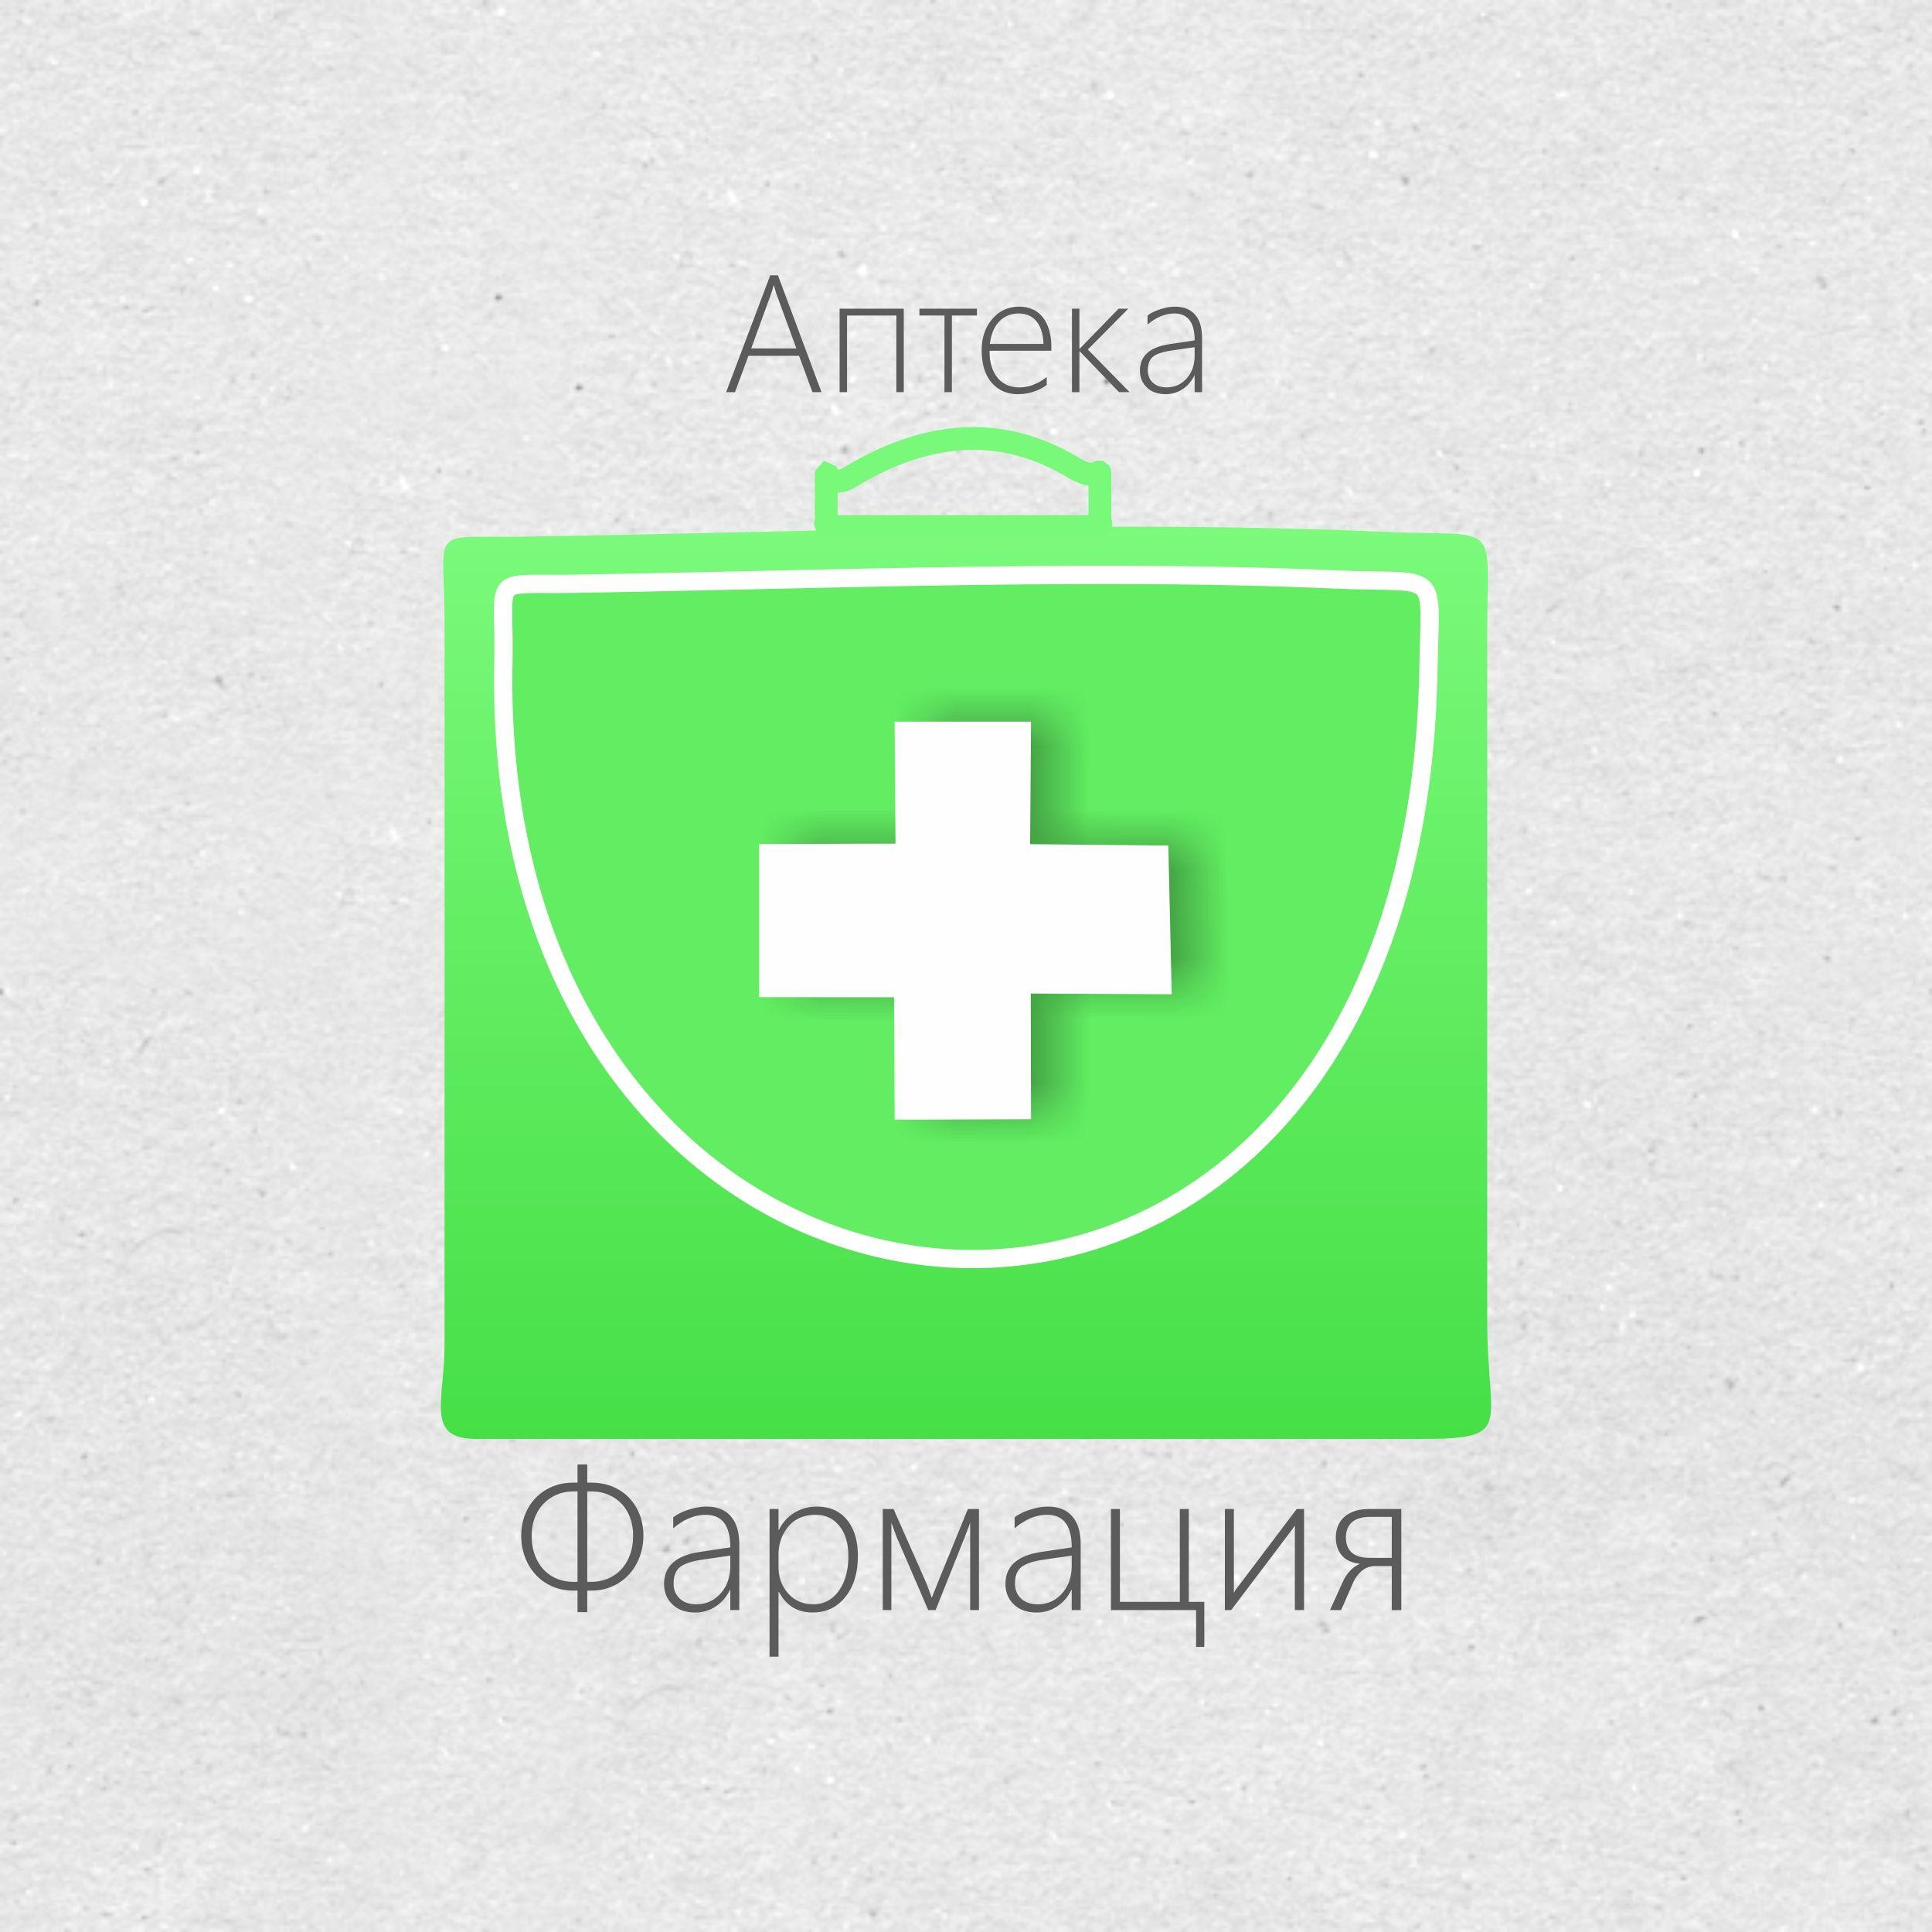 Логотип для государственной аптеки - дизайнер Volkonskiy